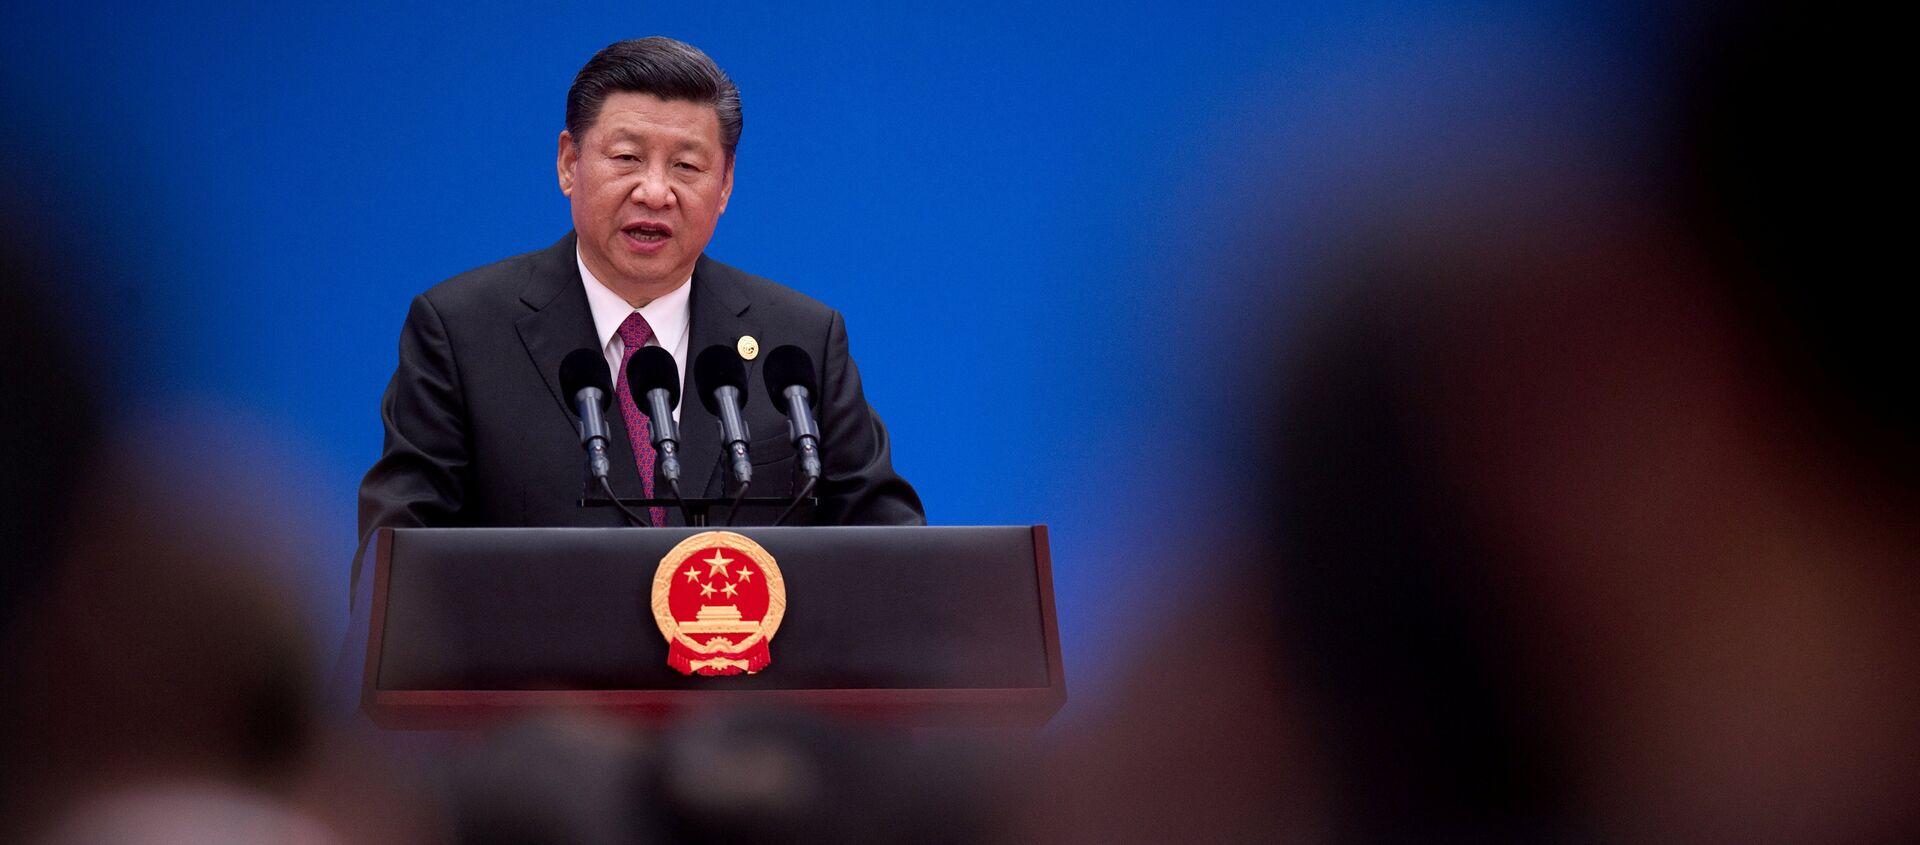 Xi Jinping, presidente de China - Sputnik Mundo, 1920, 19.11.2020